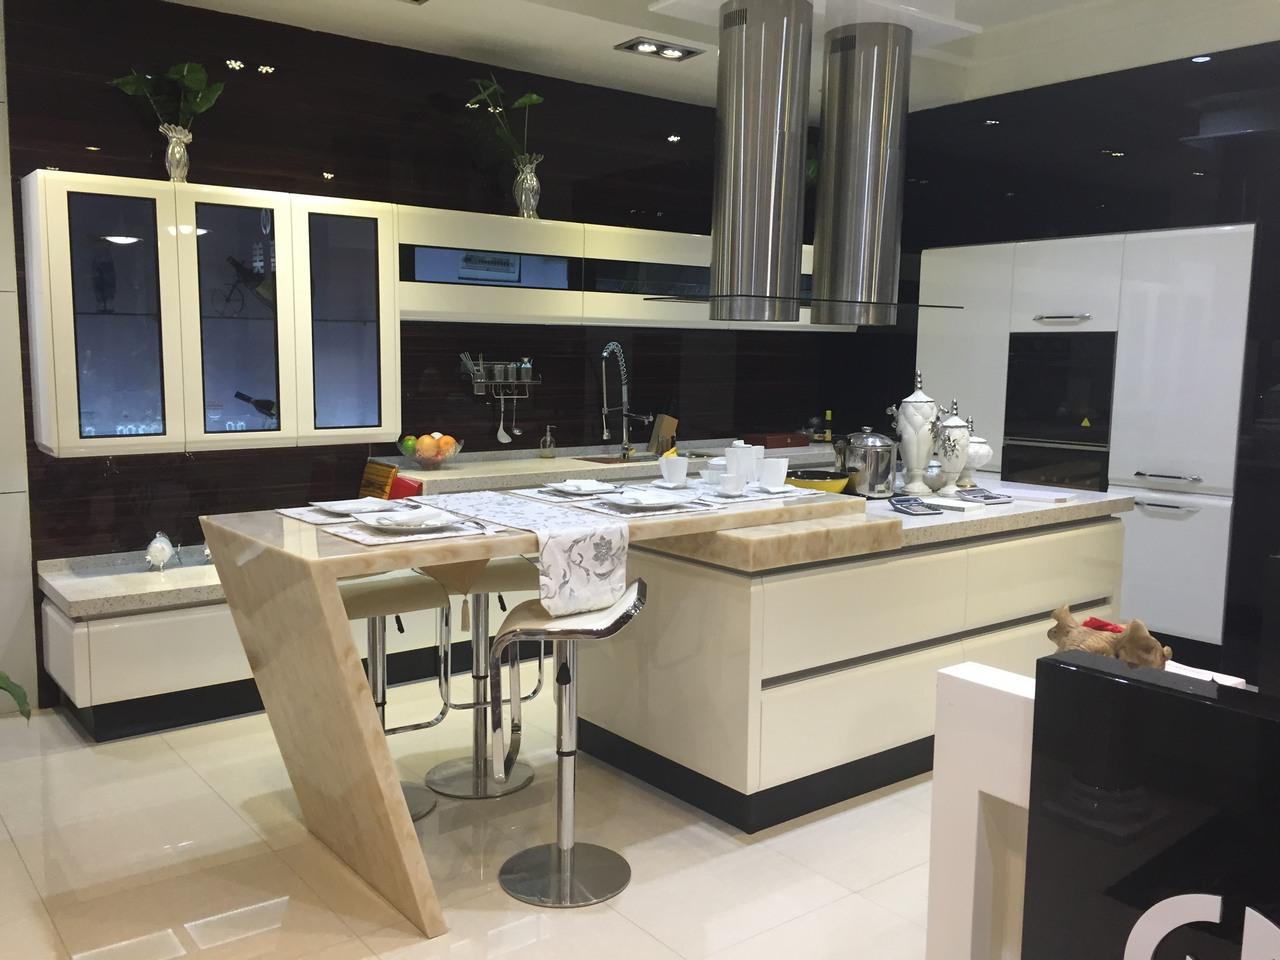 462-кухни-из-китая-прокитай-2